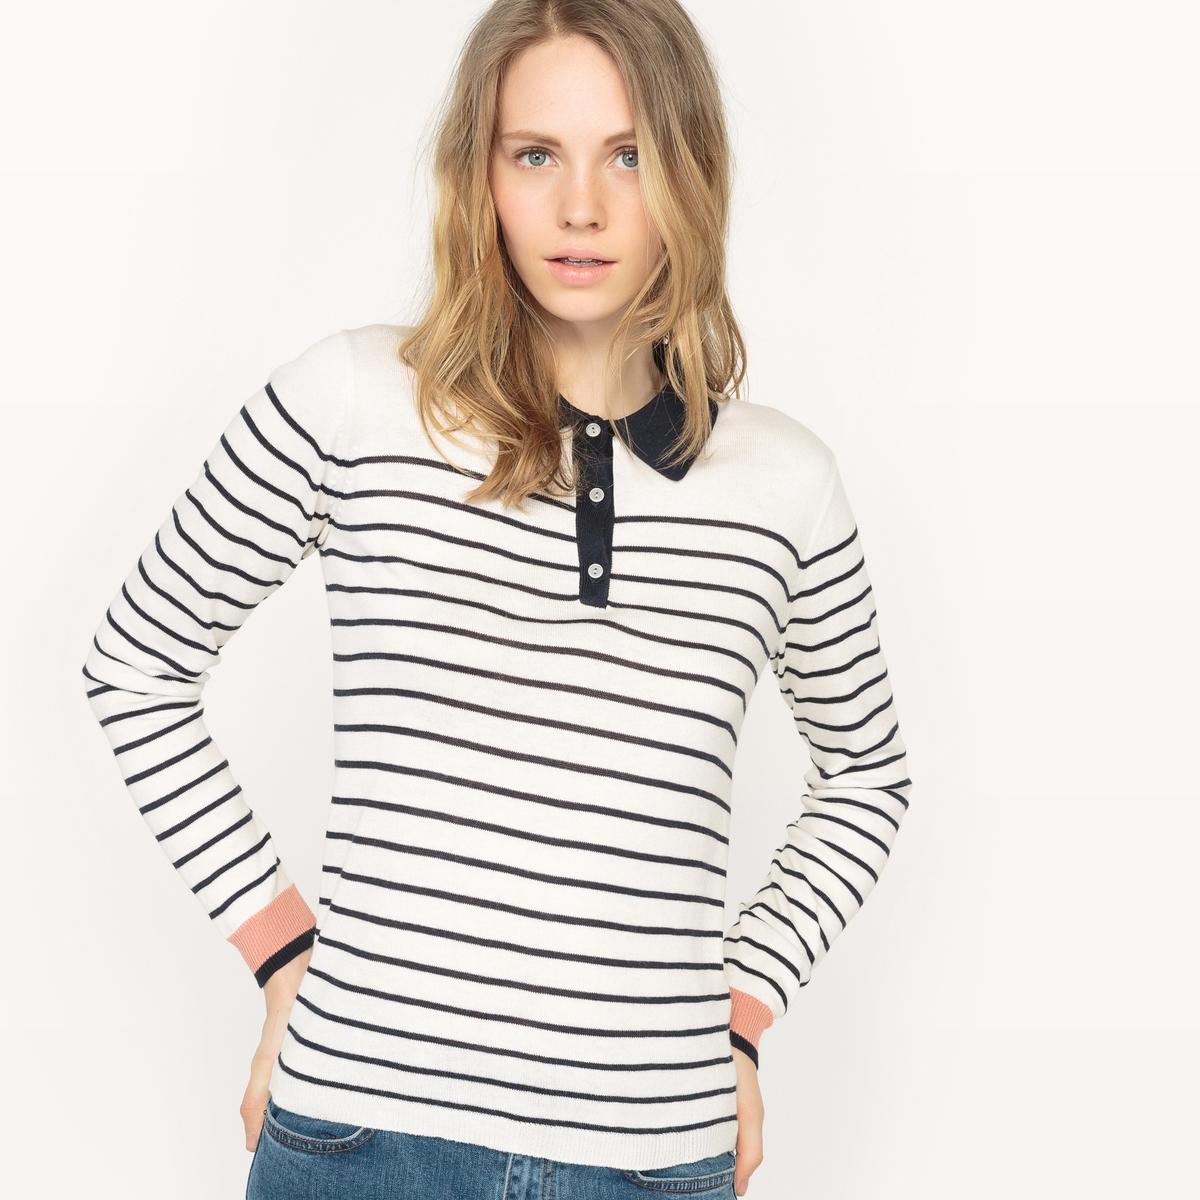 Пуловер в полоскуМатериал: 50% вискозы, 20% хлопка, 30% полиэстера.Длина рукава: длинные рукава.Форма воротника: воротник-поло, рубашечный.Покрой пуловера: стандартный.Рисунок: в полоску.<br><br>Цвет: в полоску/фон экрю